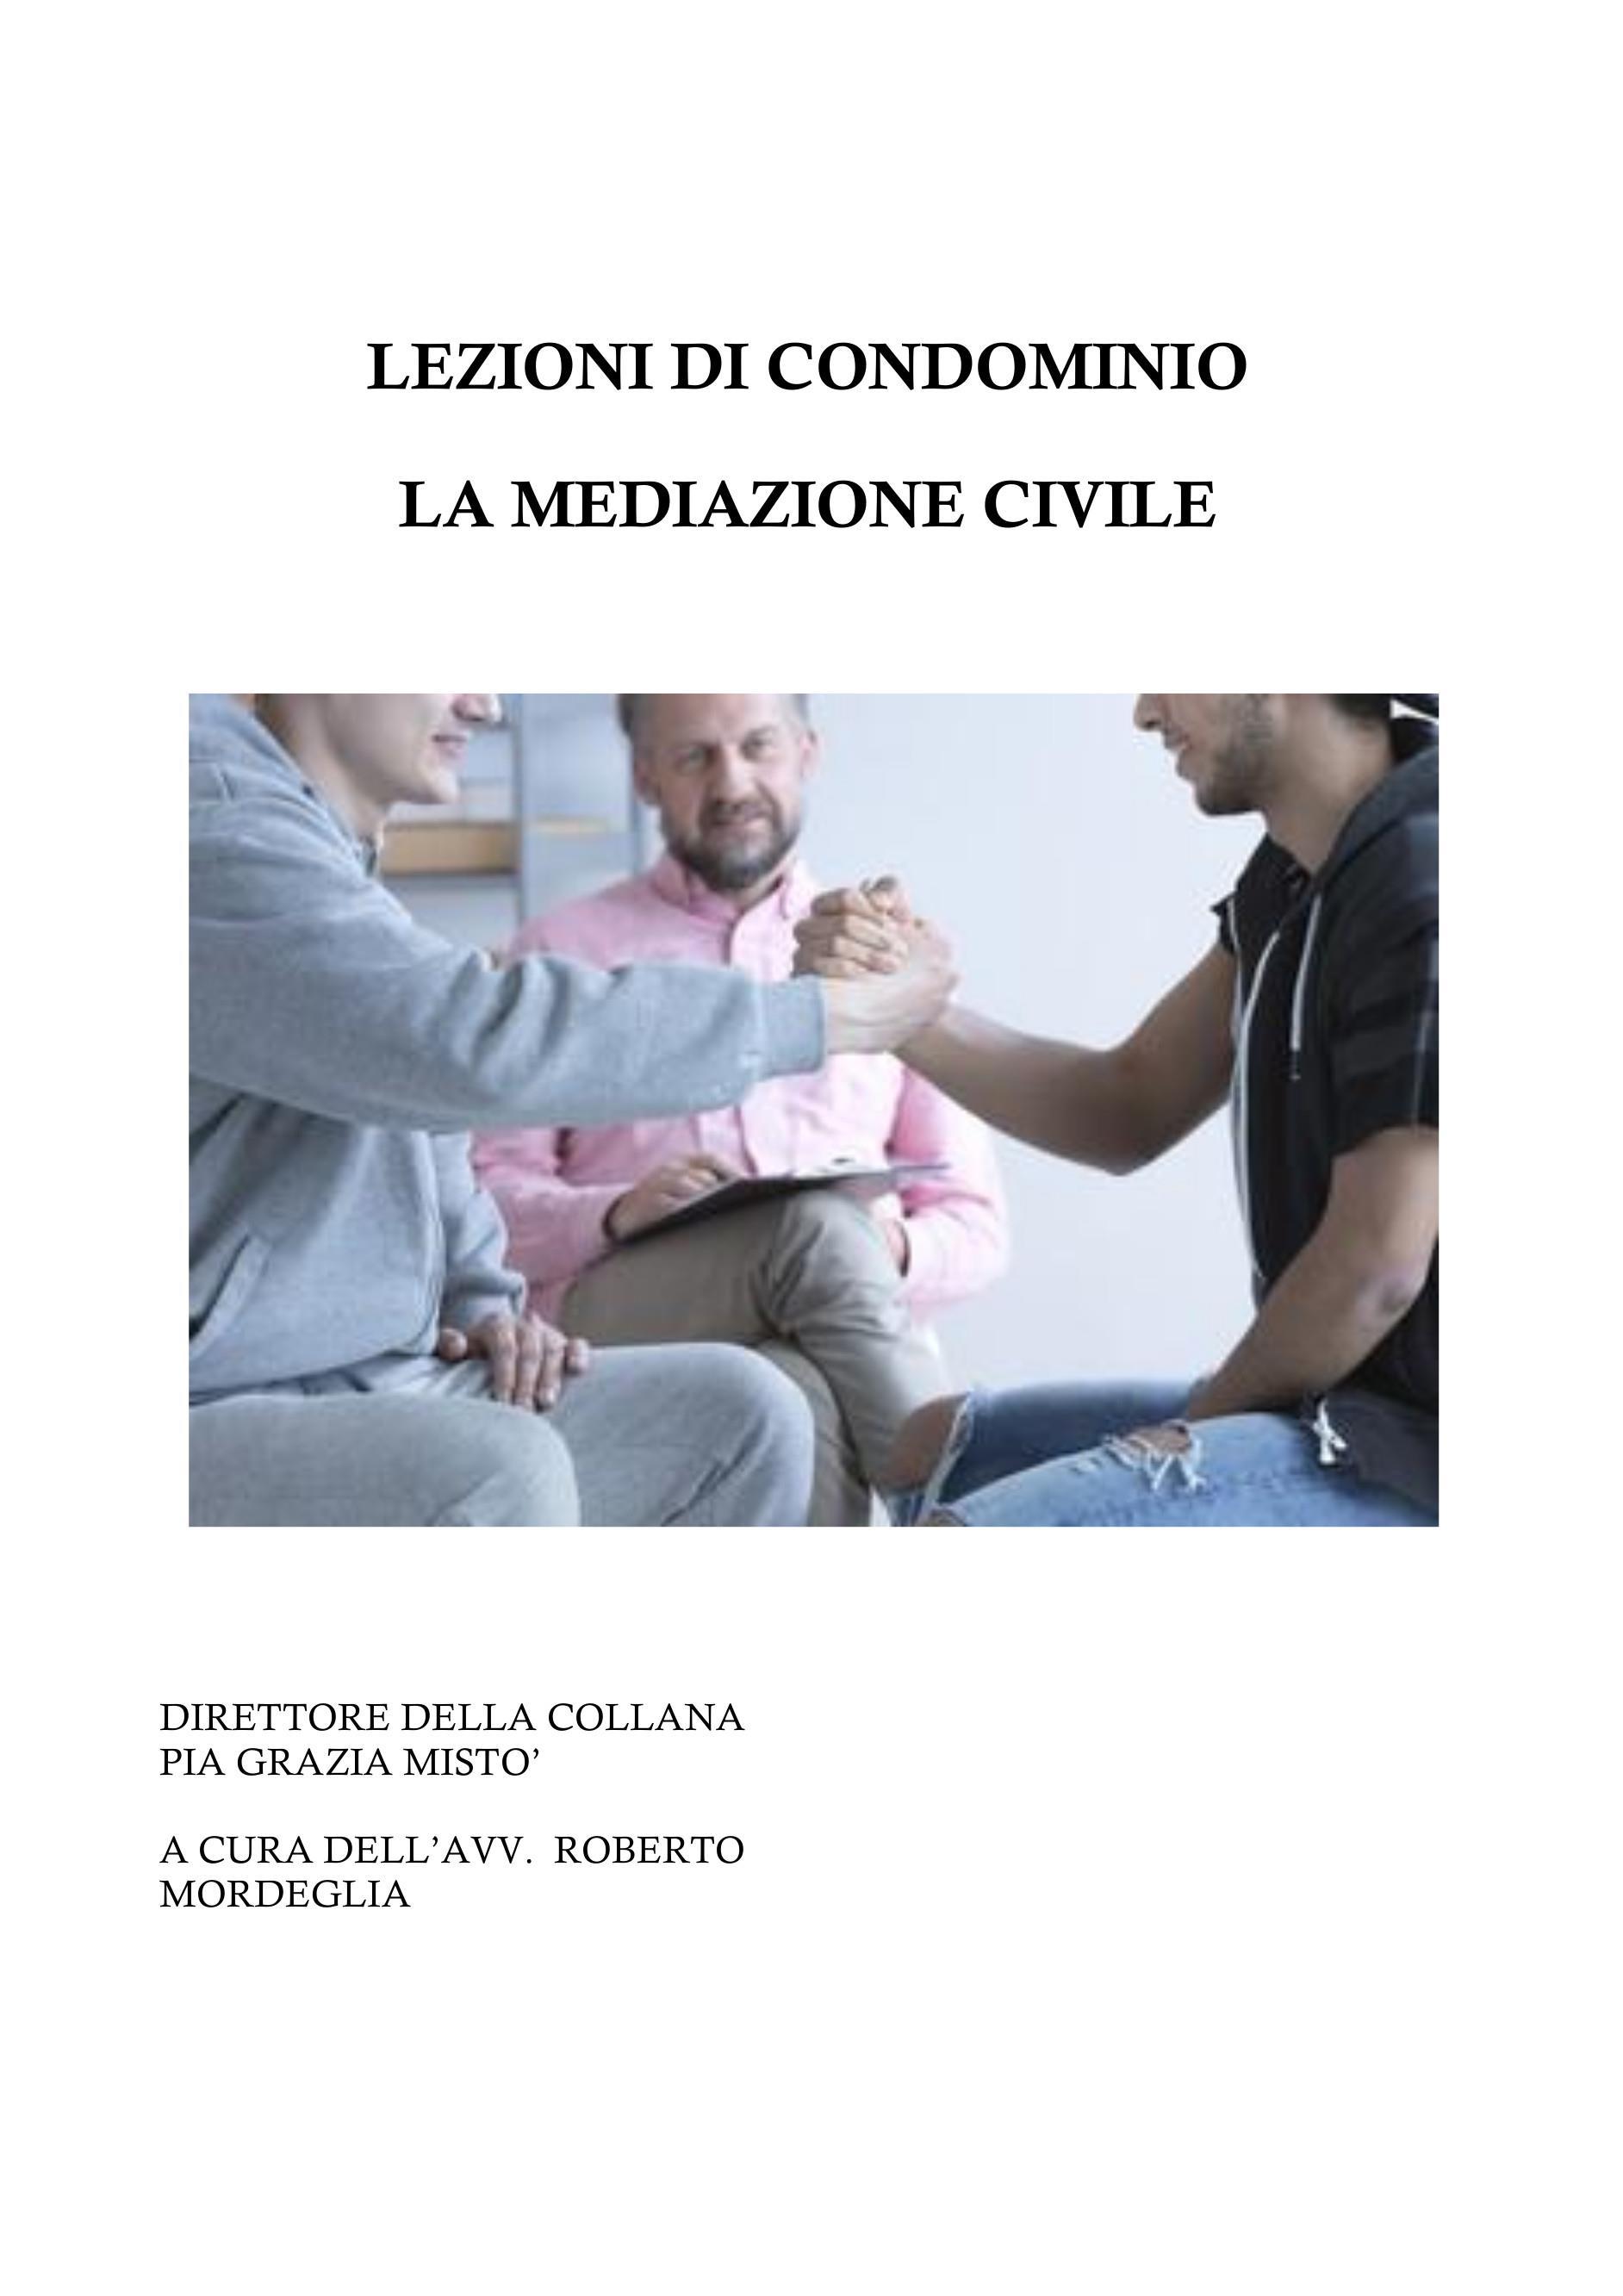 Lezioni di condominio - La mediazione civile